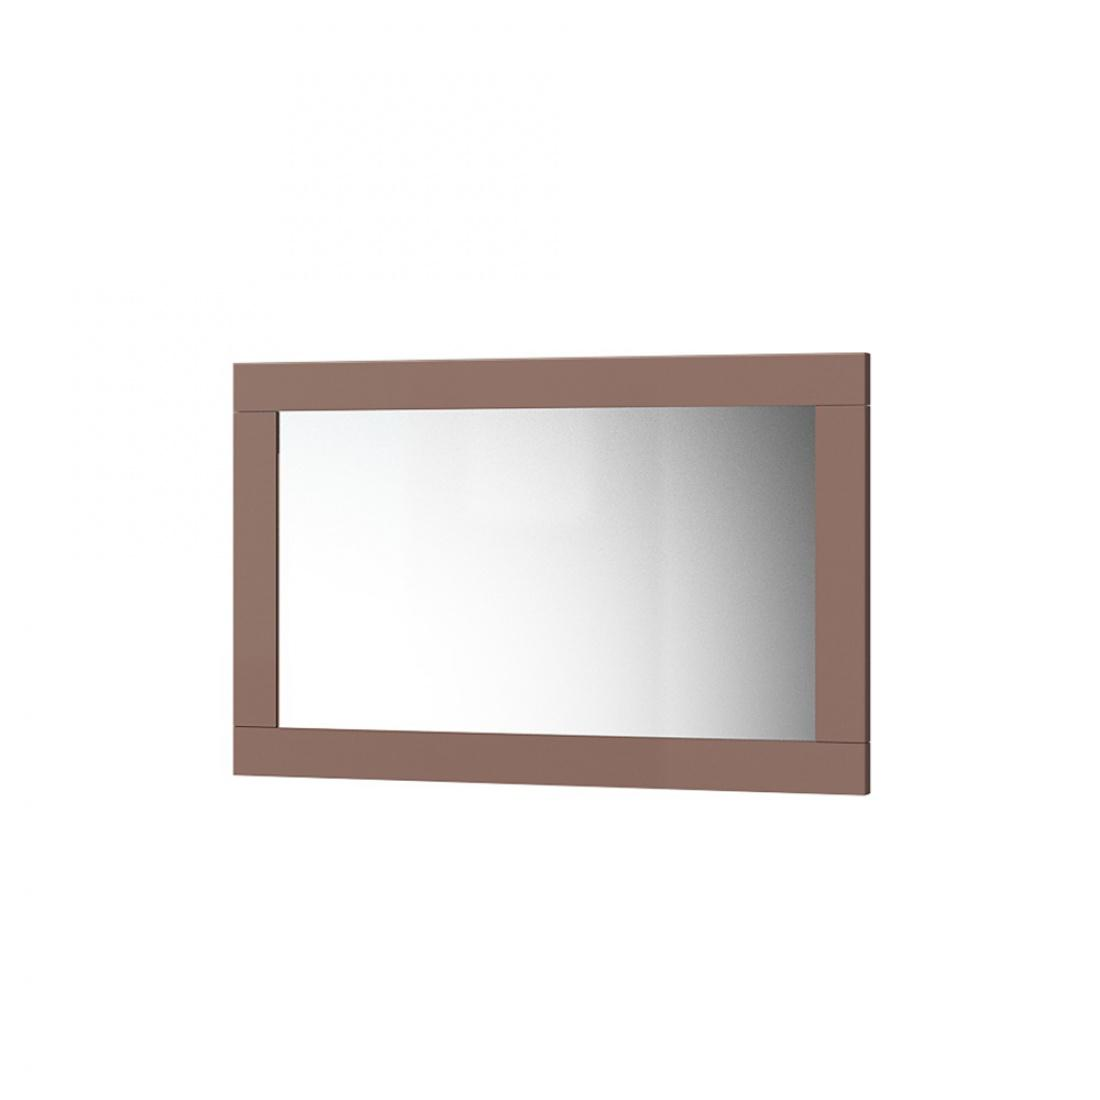 Ellipse Wandspiegel 92x68 mit hellbraunem Rahmen - Kaufen bei Möbel-Lux